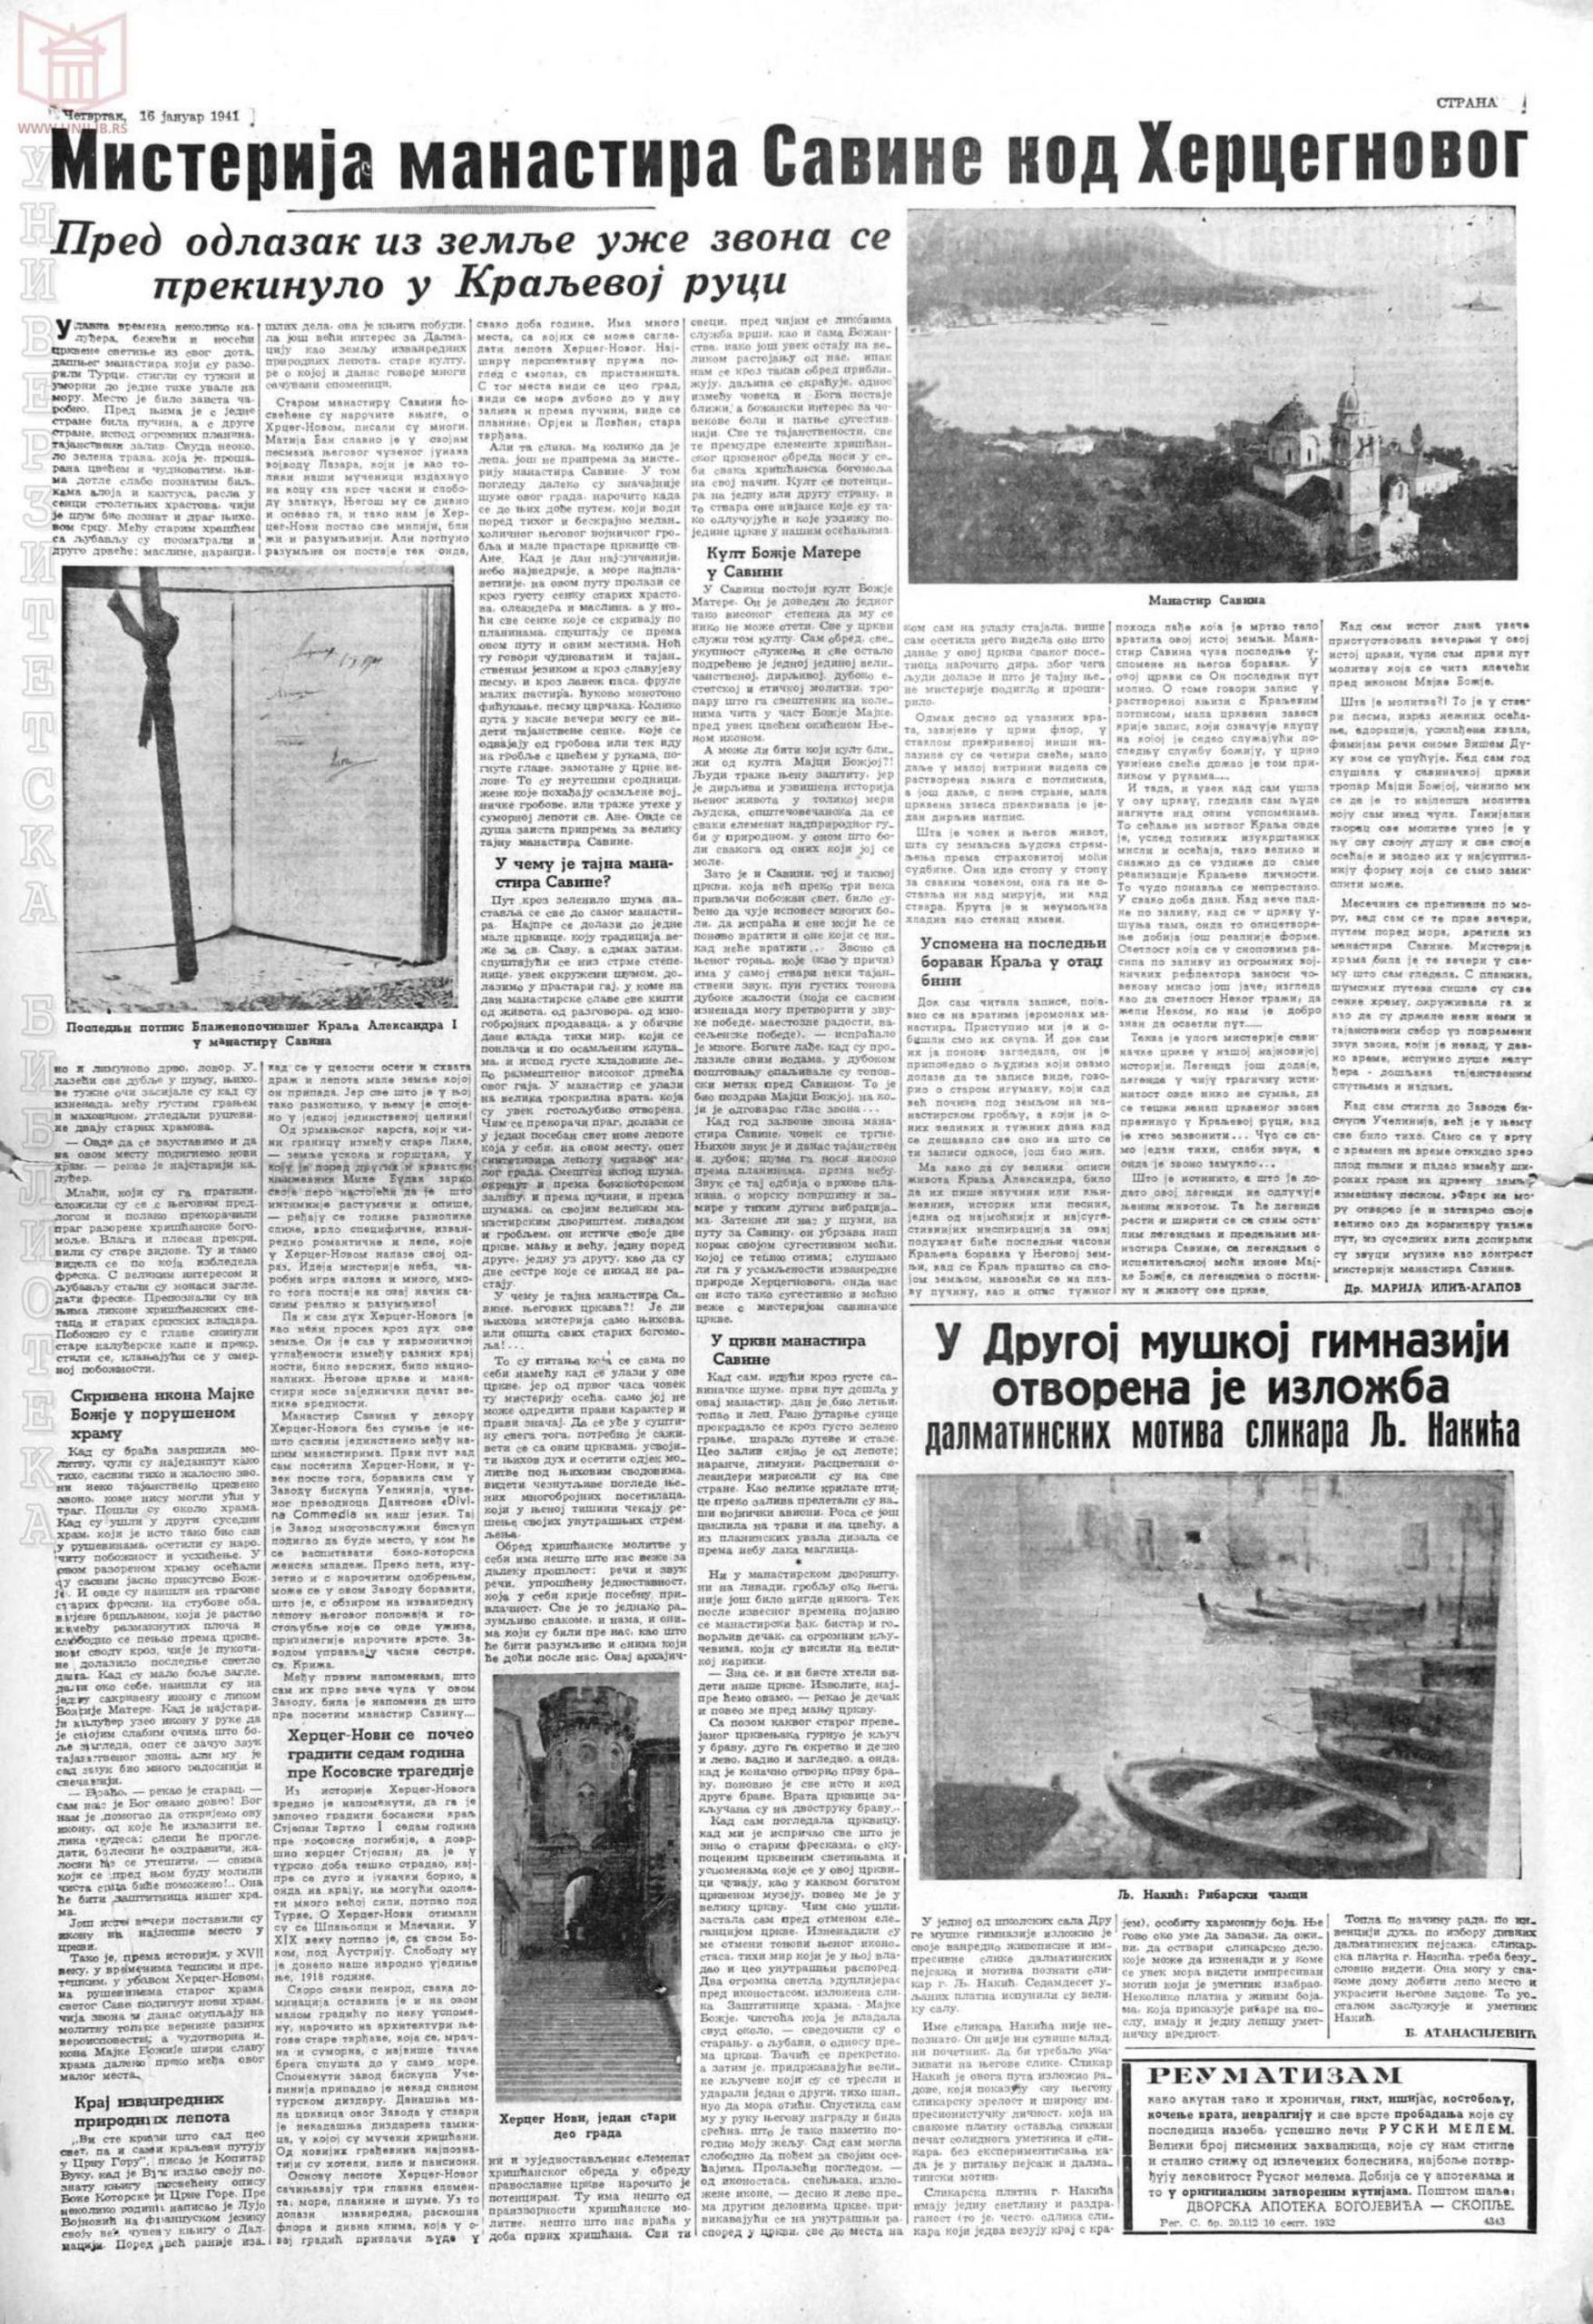 Vreme 16.01.1941 p5-1